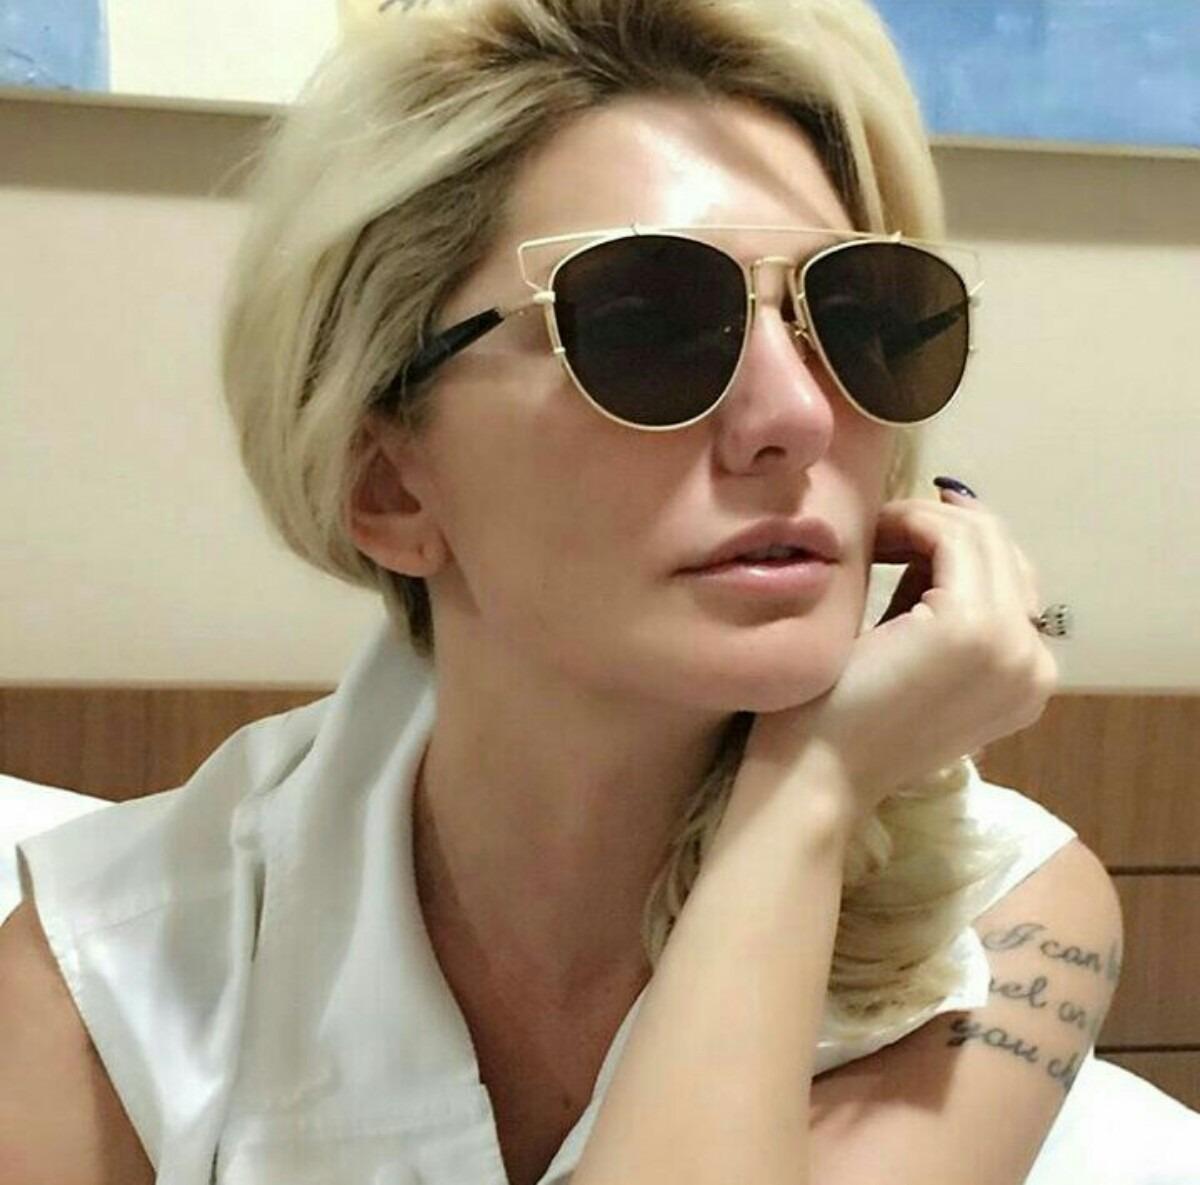 Oculos Dior Tecnologic - Original Completo - R  639,90 em Mercado Livre 7d9886f4bd